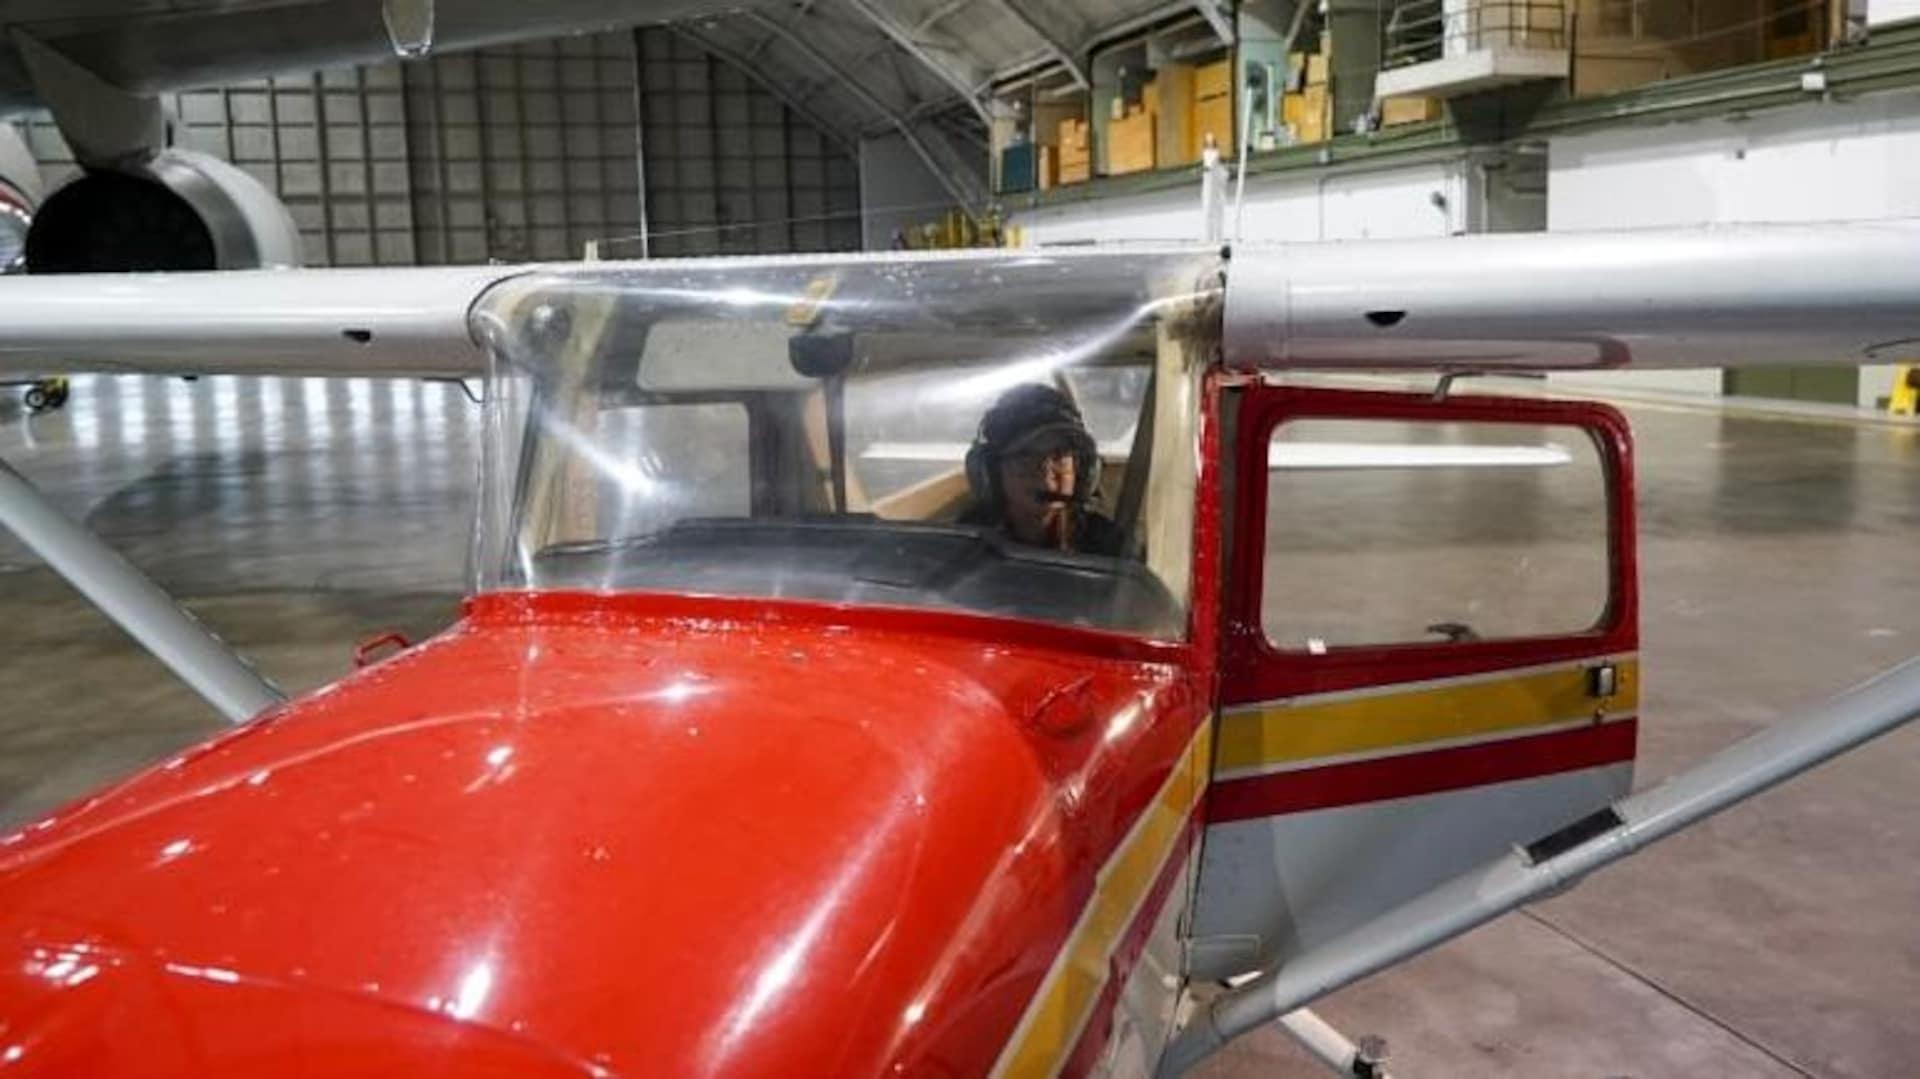 Sara Striker vue à travers le pare-brise d'un petit avion dans un hangar.